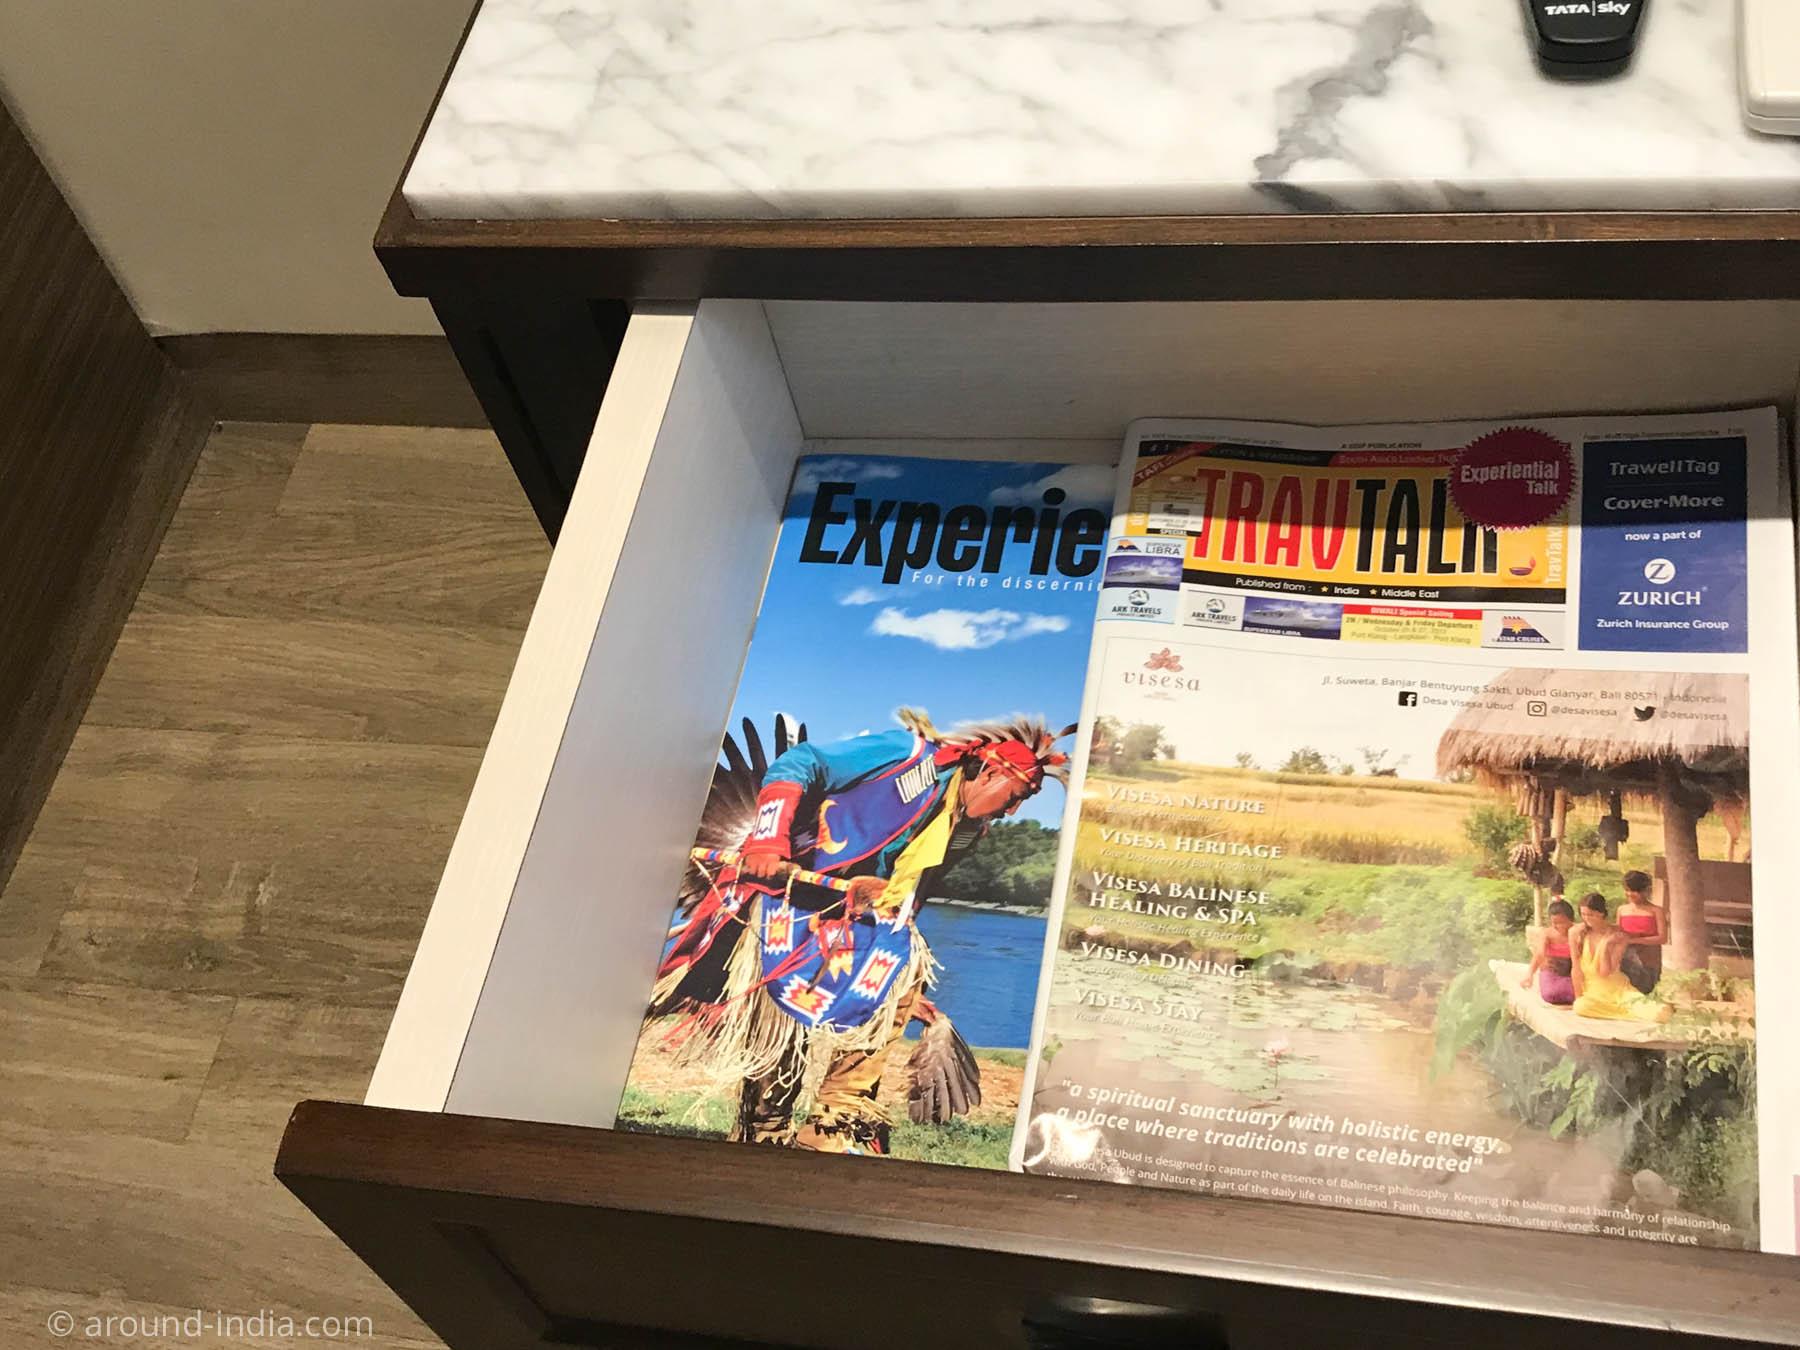 Residency Hotel Fortの引き出しに入っていた旅行雑誌